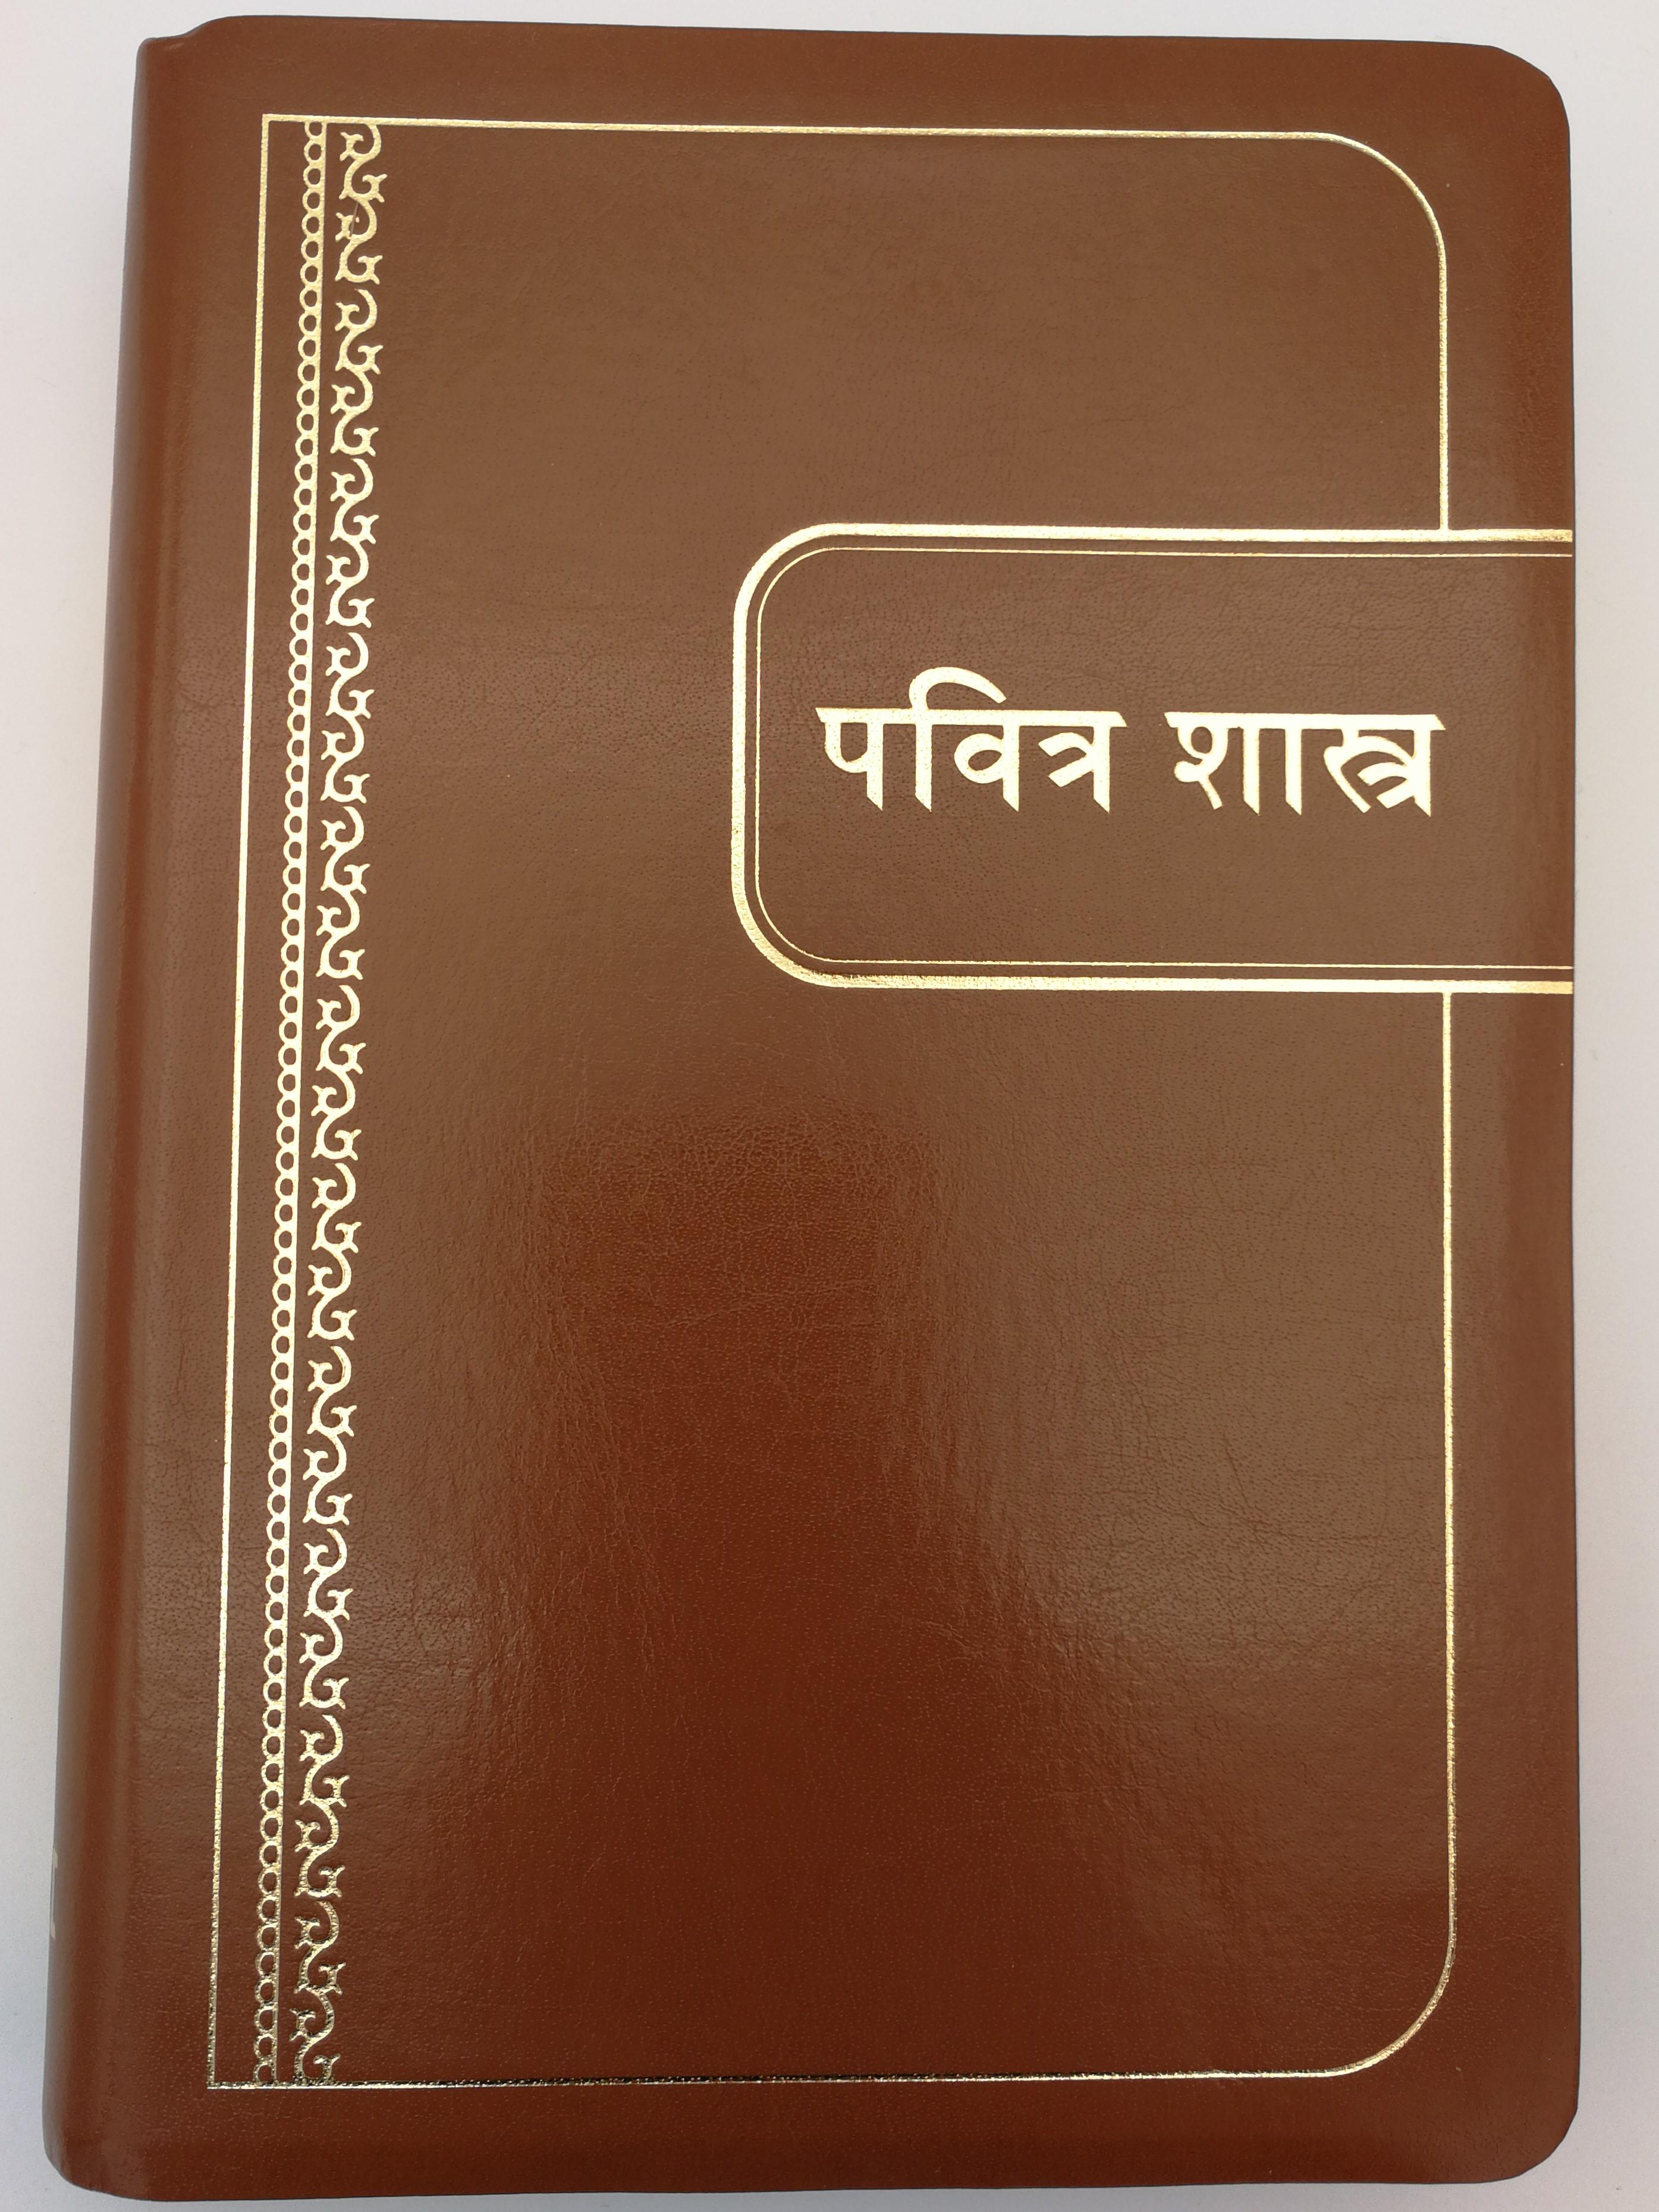 marathi-language-holy-bible-1.jpg